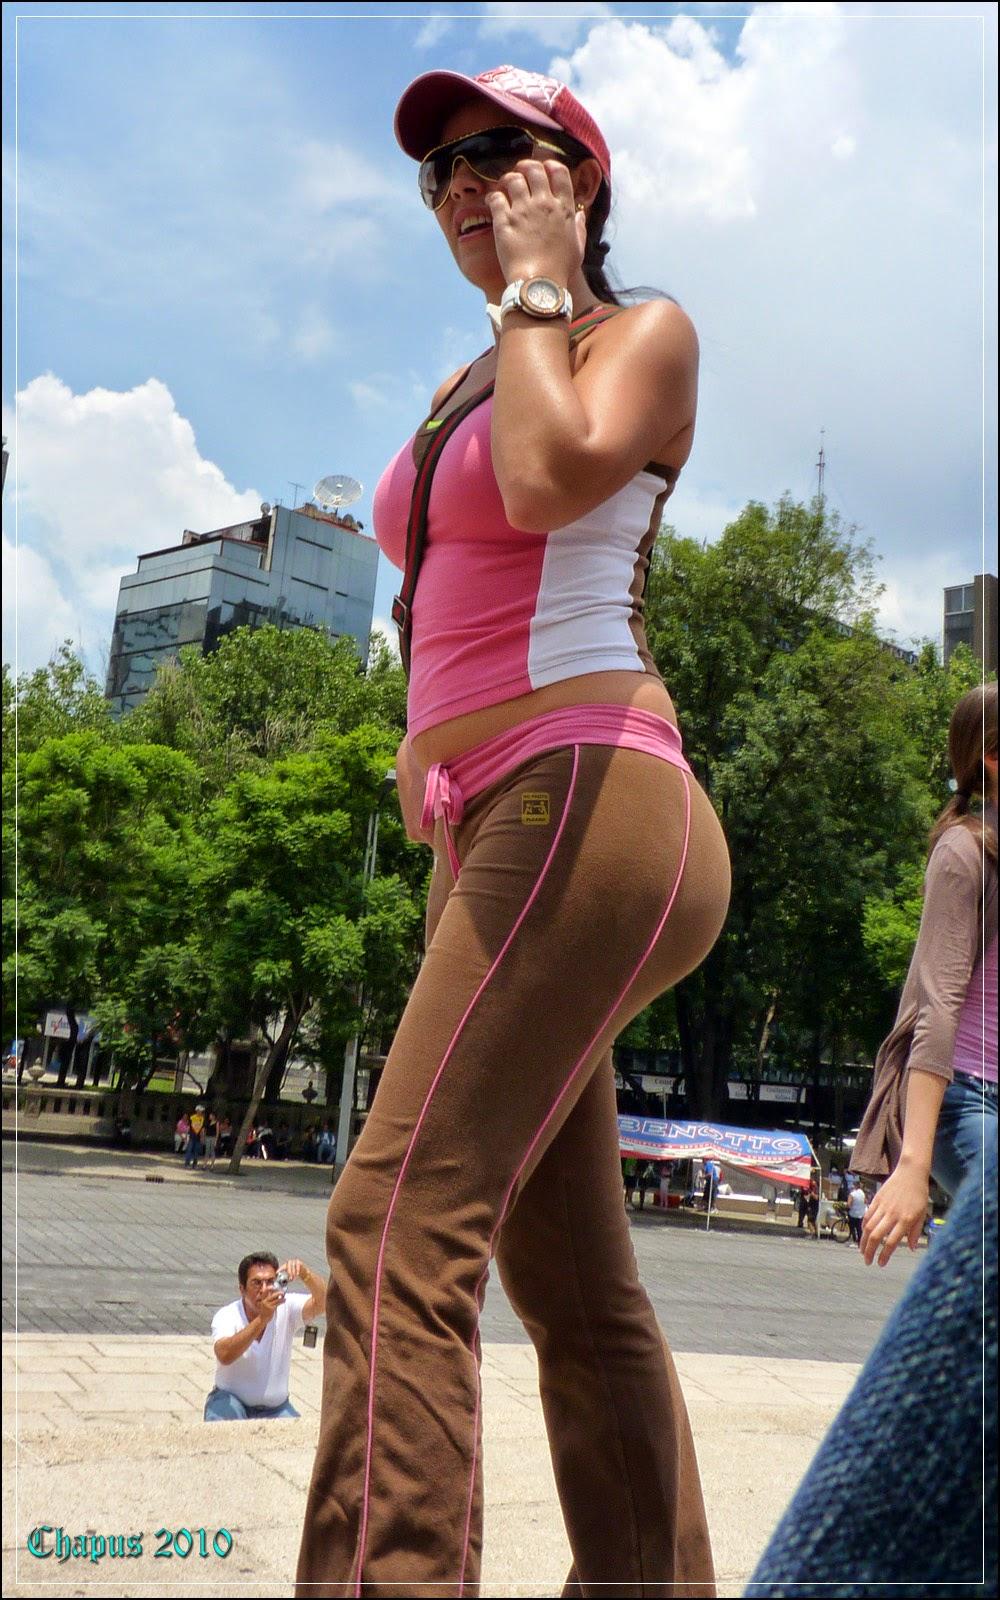 fotos de mujeres jovenes culonas por la calle - Bellezas en la calle